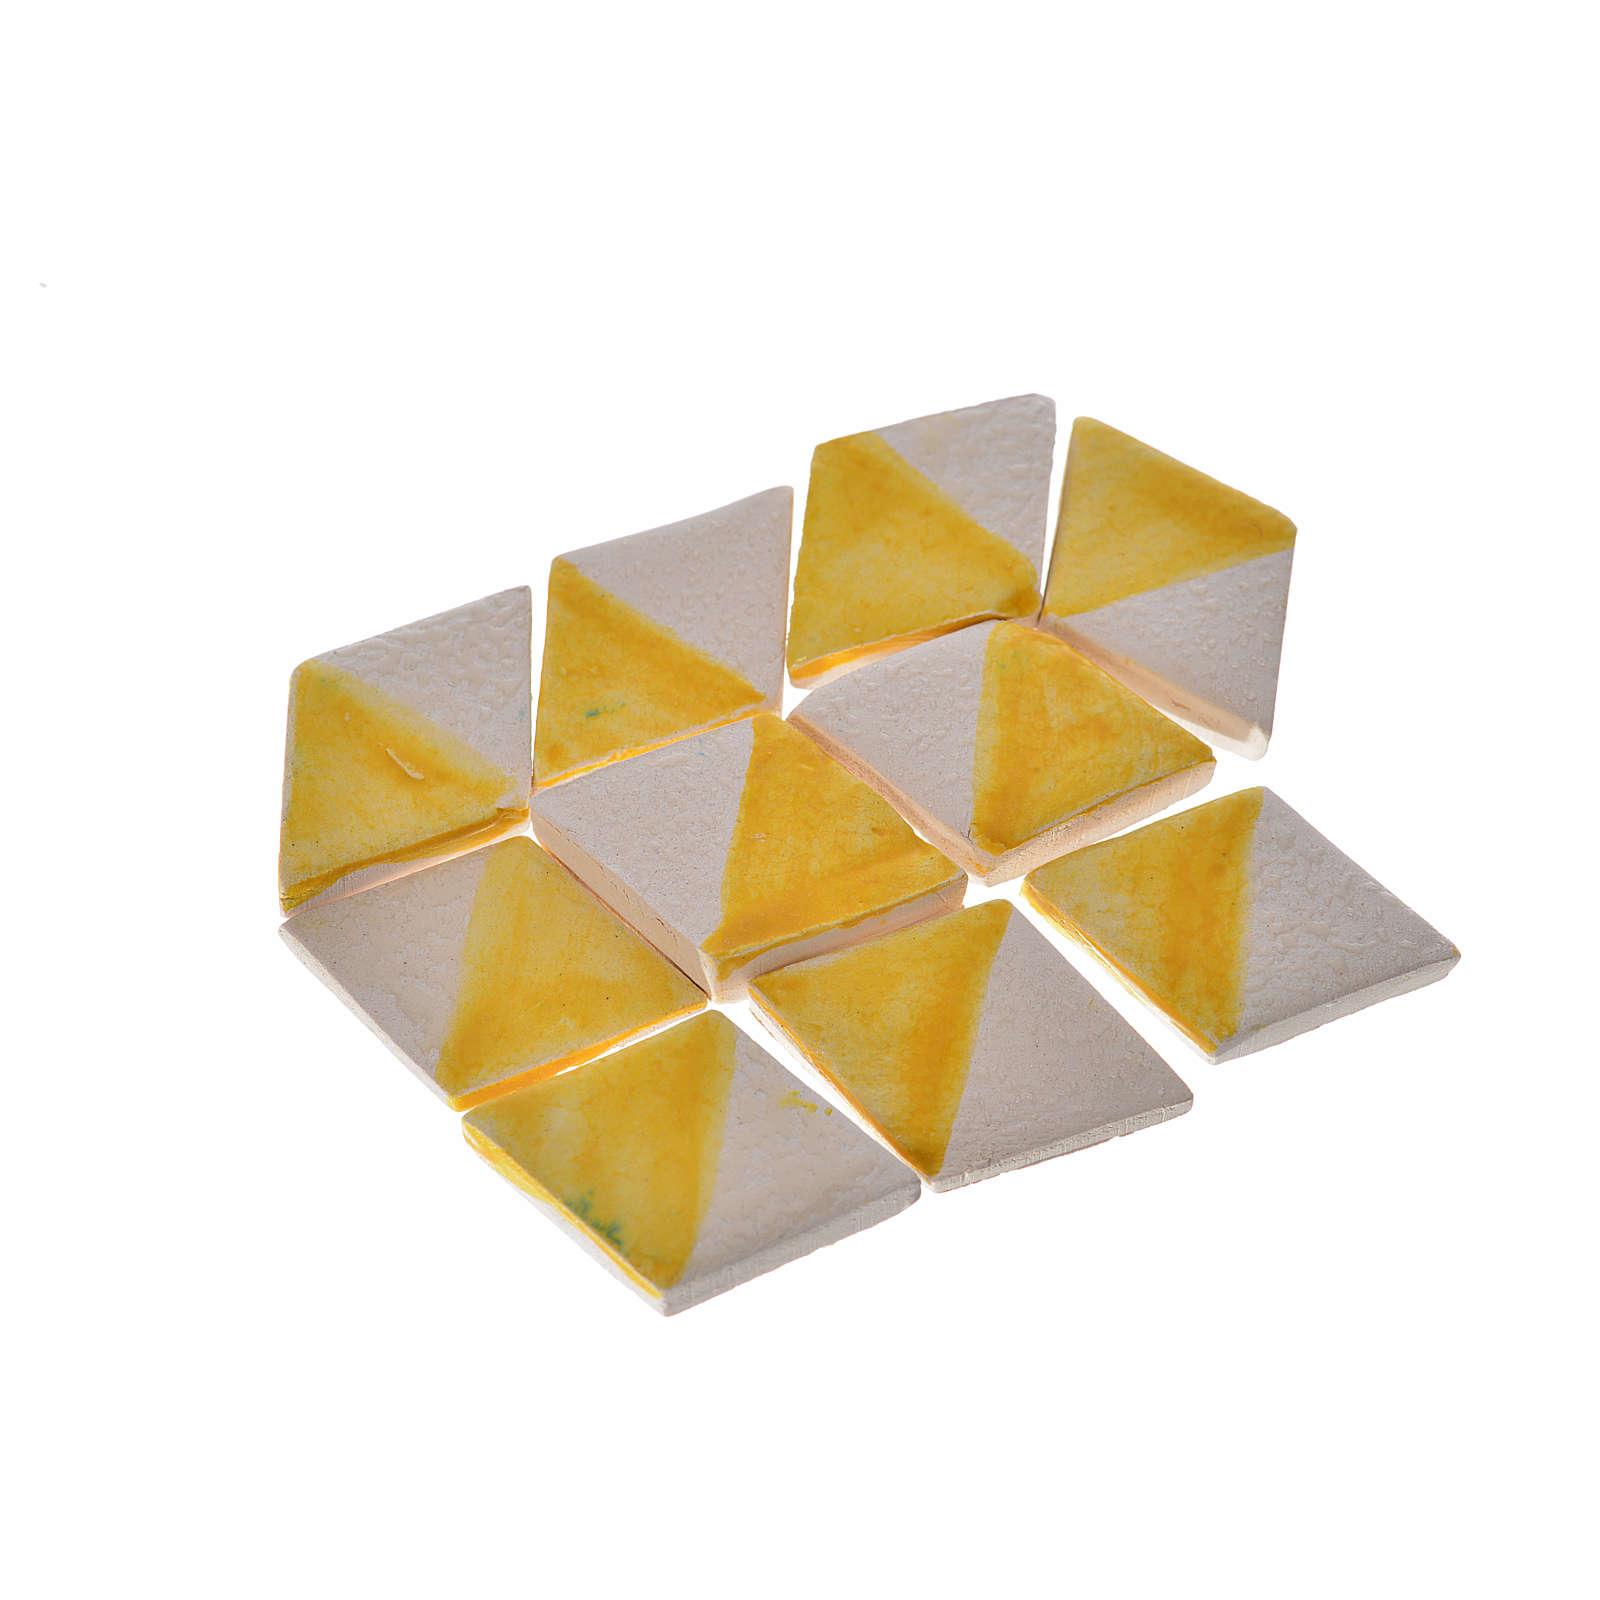 Azulejos de terracota esmaltada, 60 piezas romboidales 4